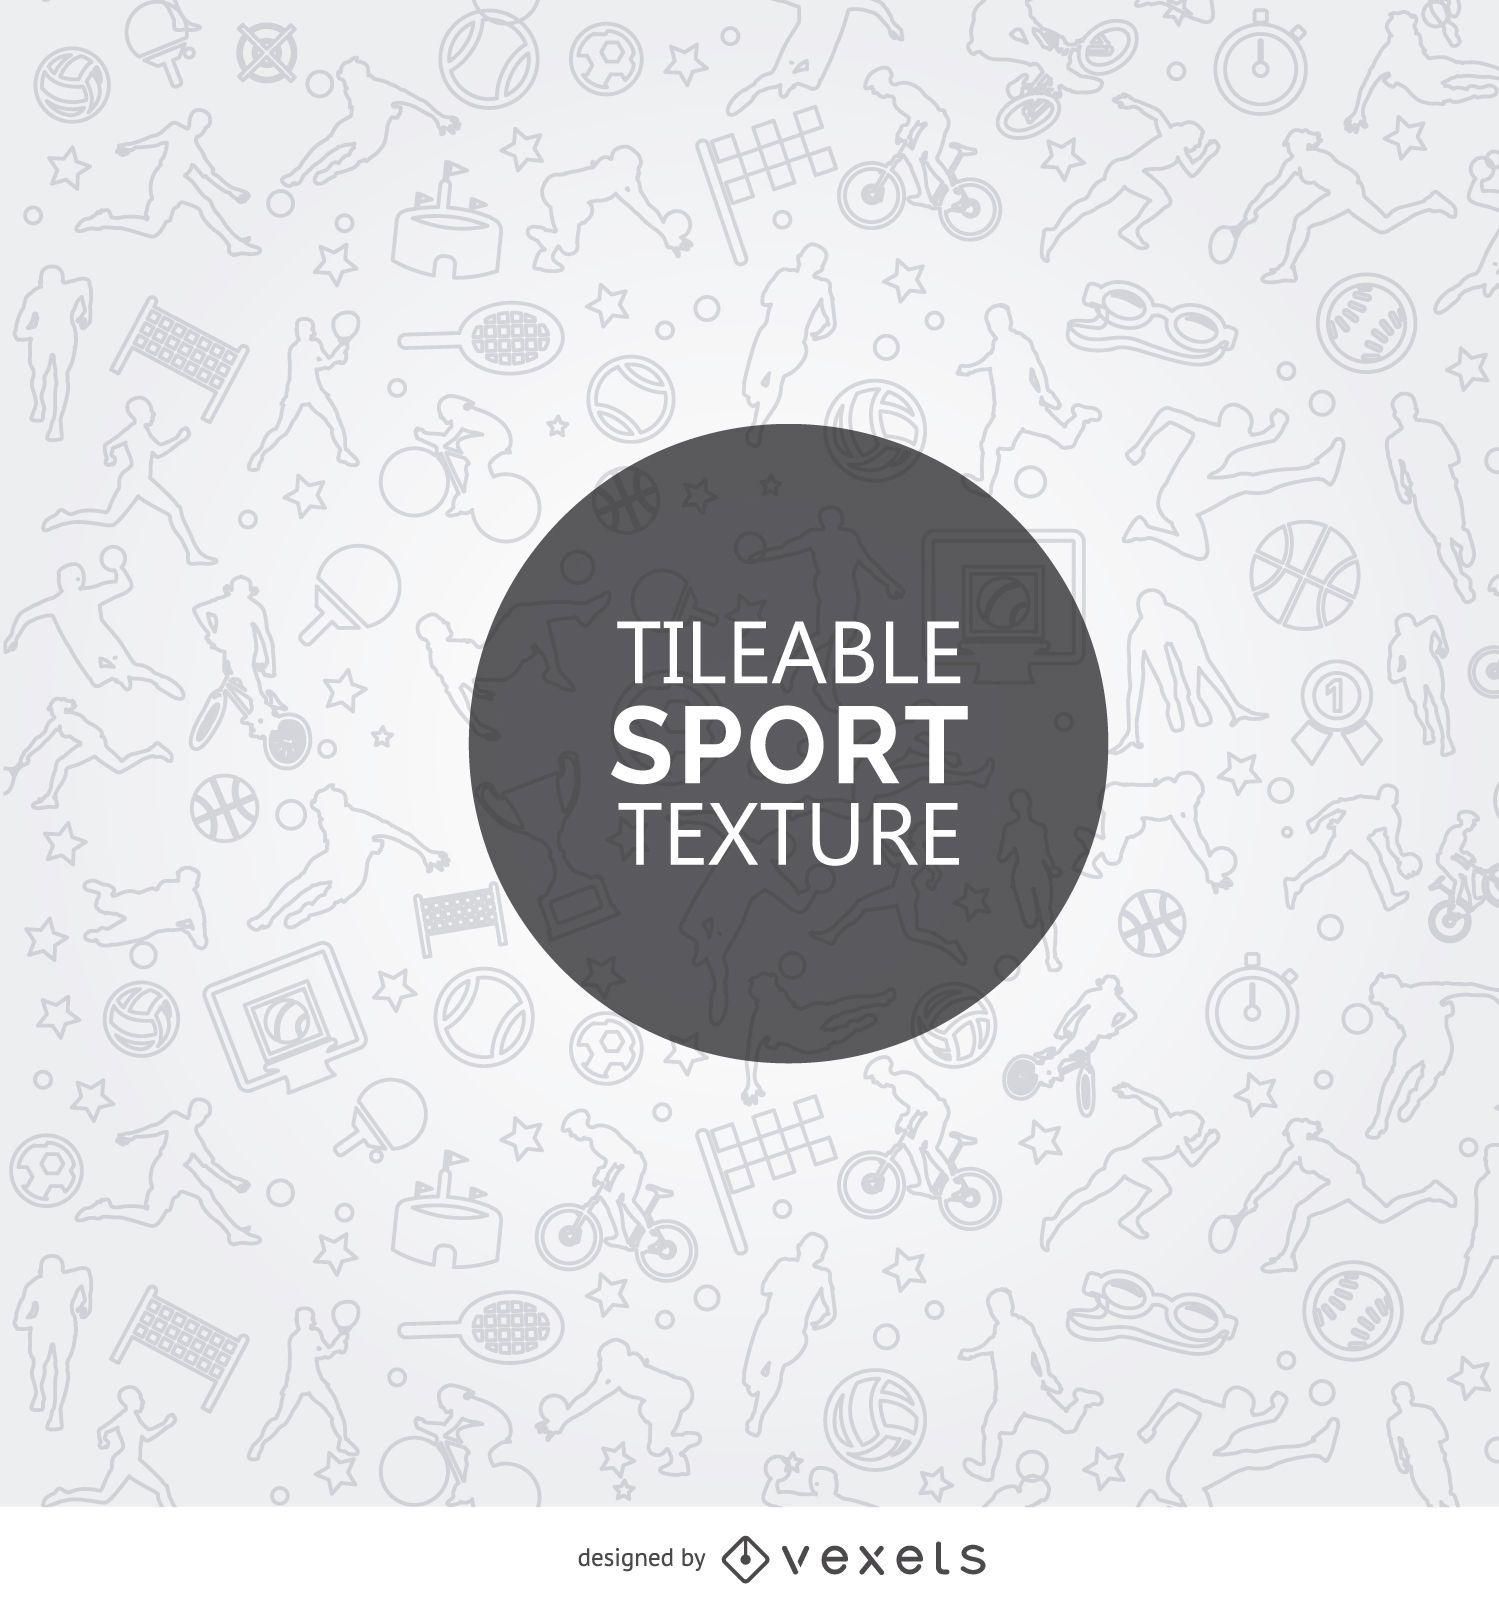 Tileable sport texture